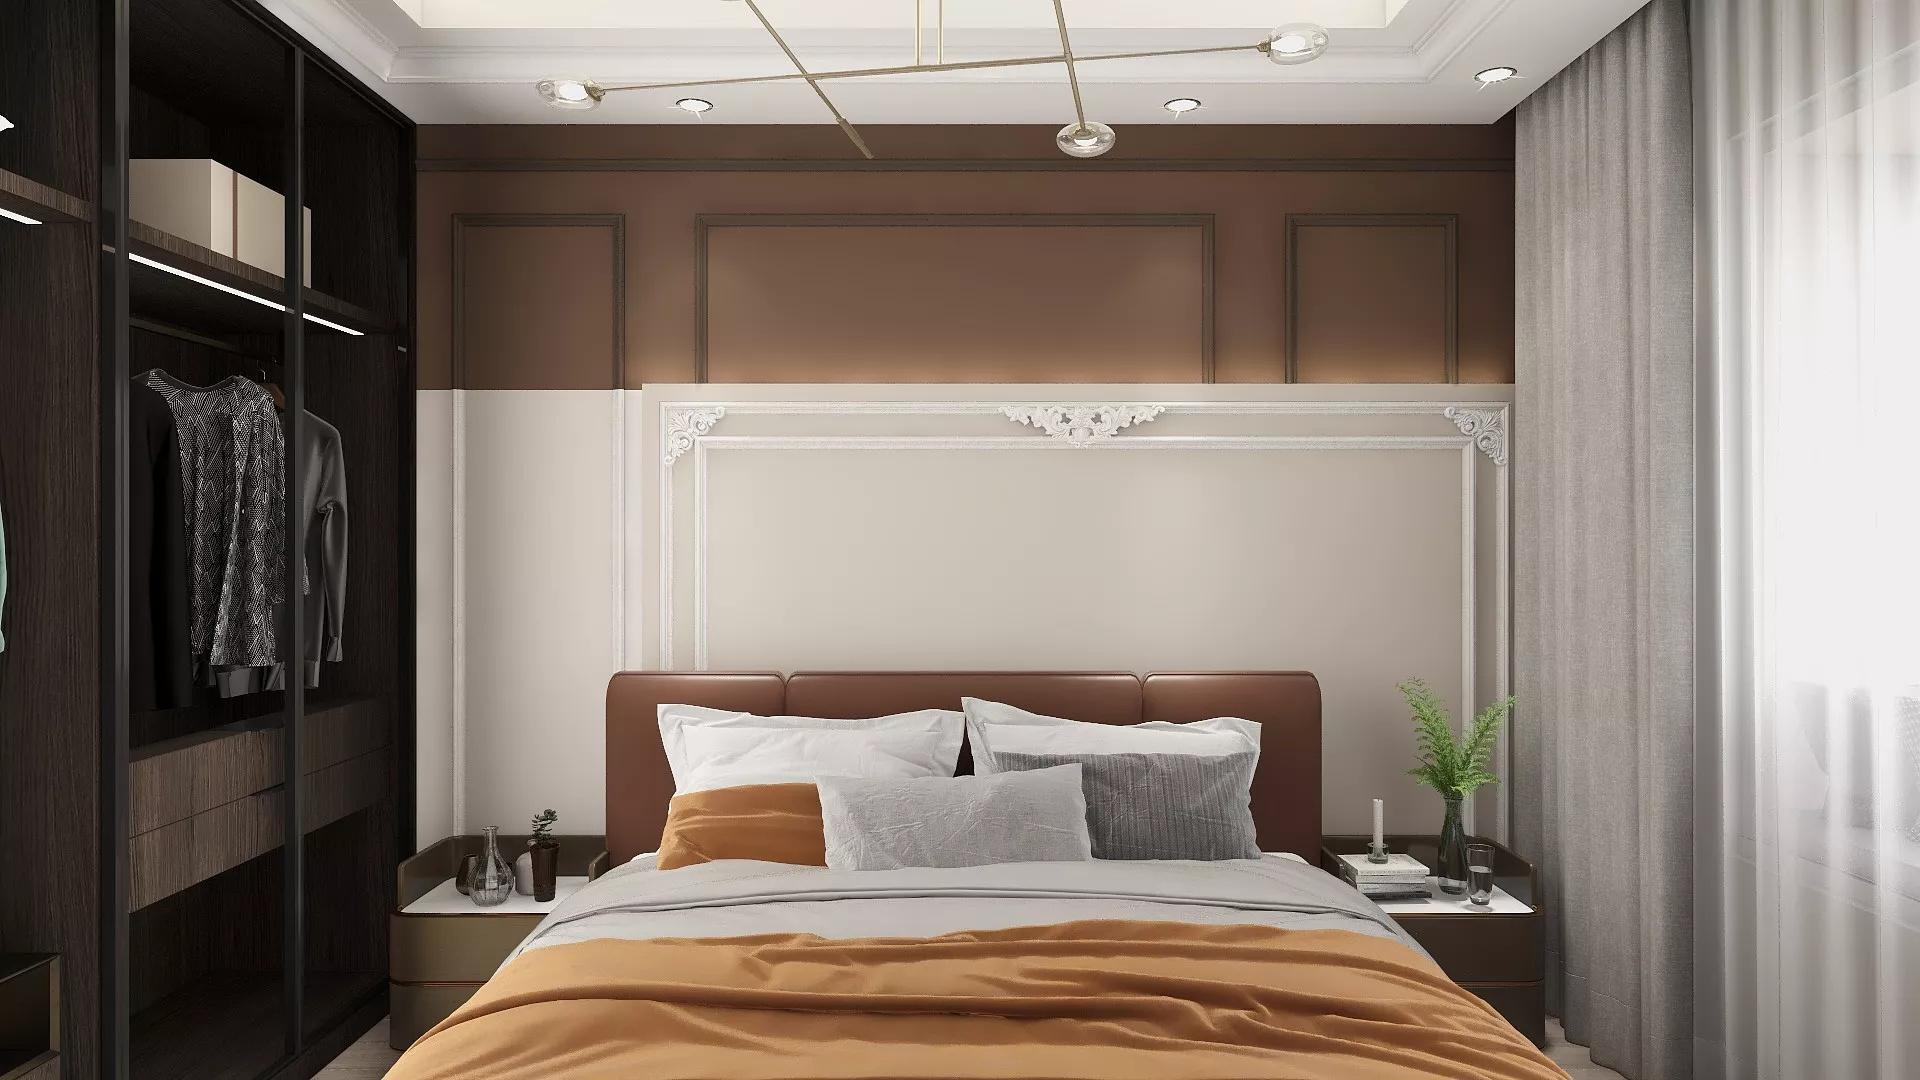 古典美式风格家居装修效果图